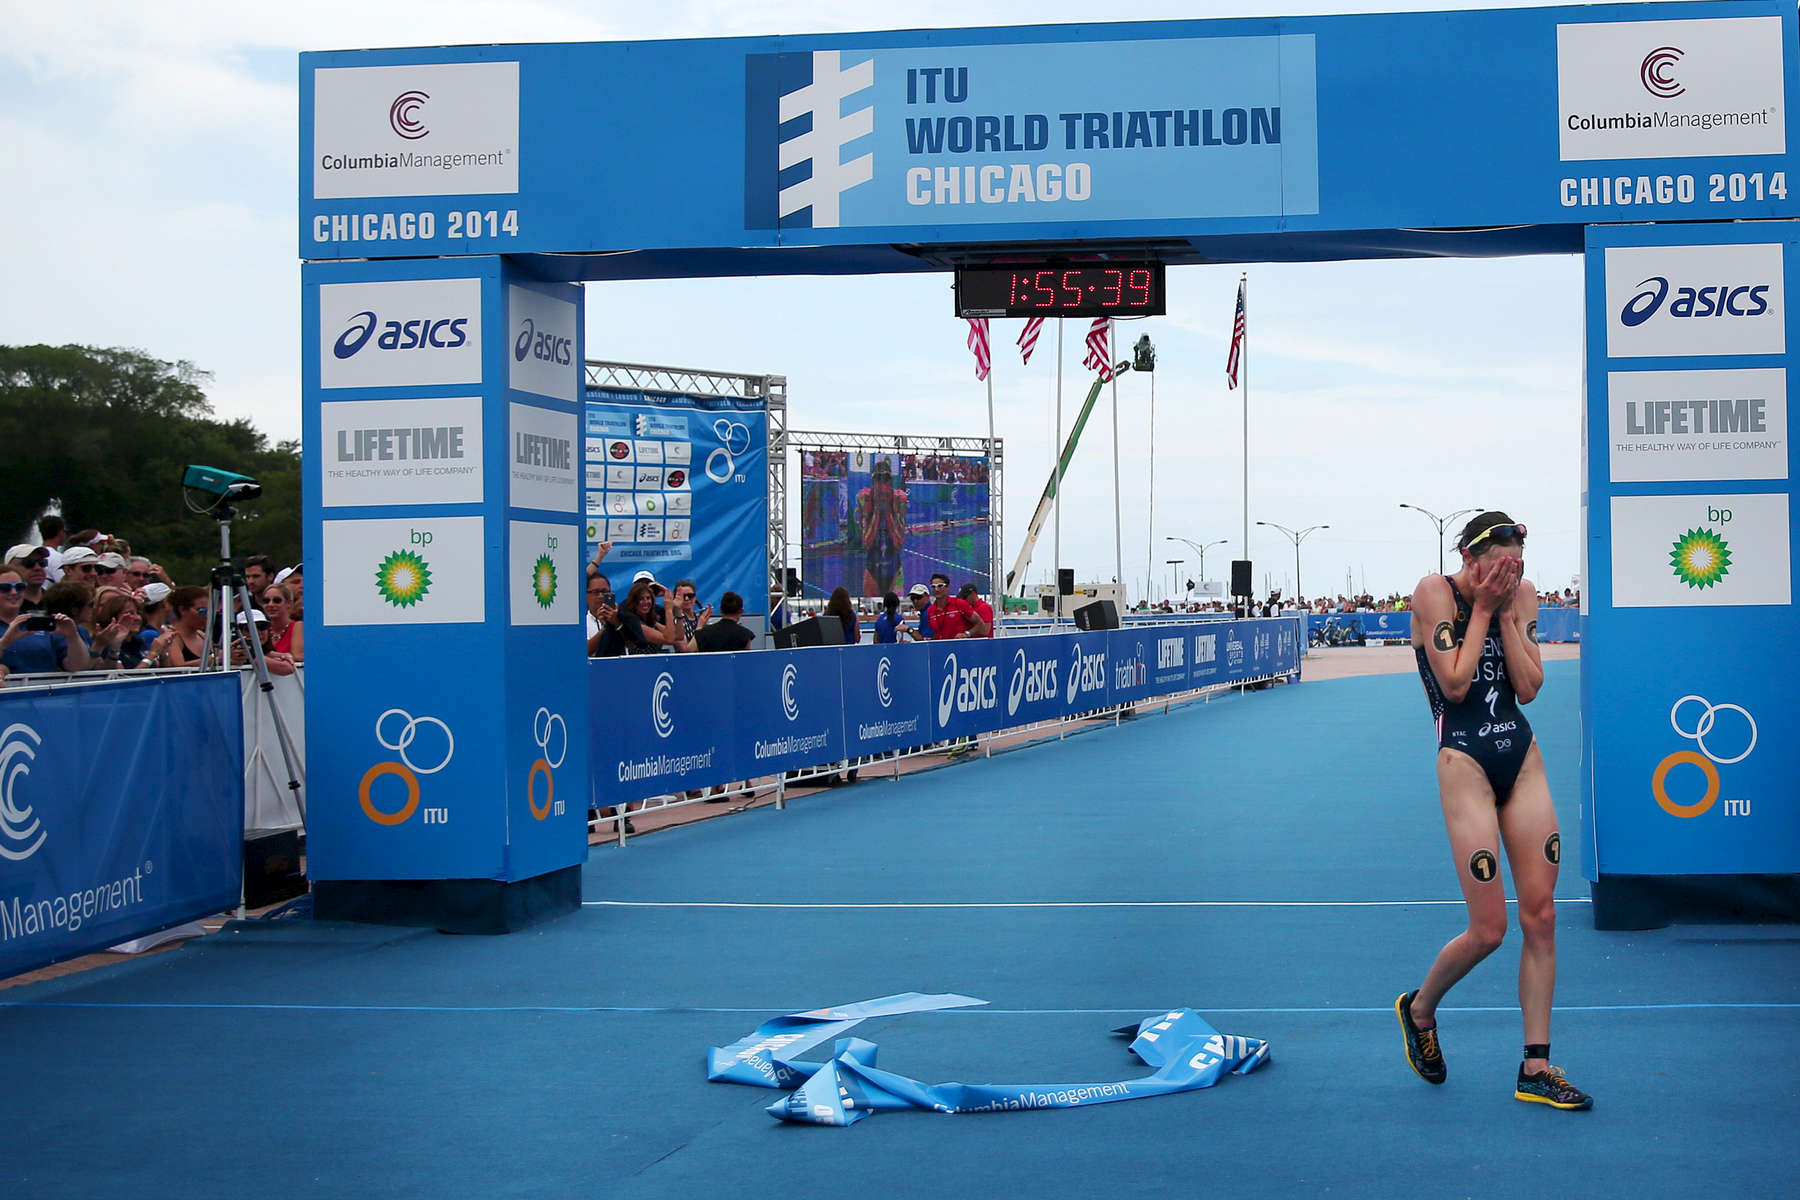 The United States' Gwen Jorgensen buries her face in her hands after winning the International Triathlon Union's (ITU) World Triathlon Chicago at Grant Park in Chicago.